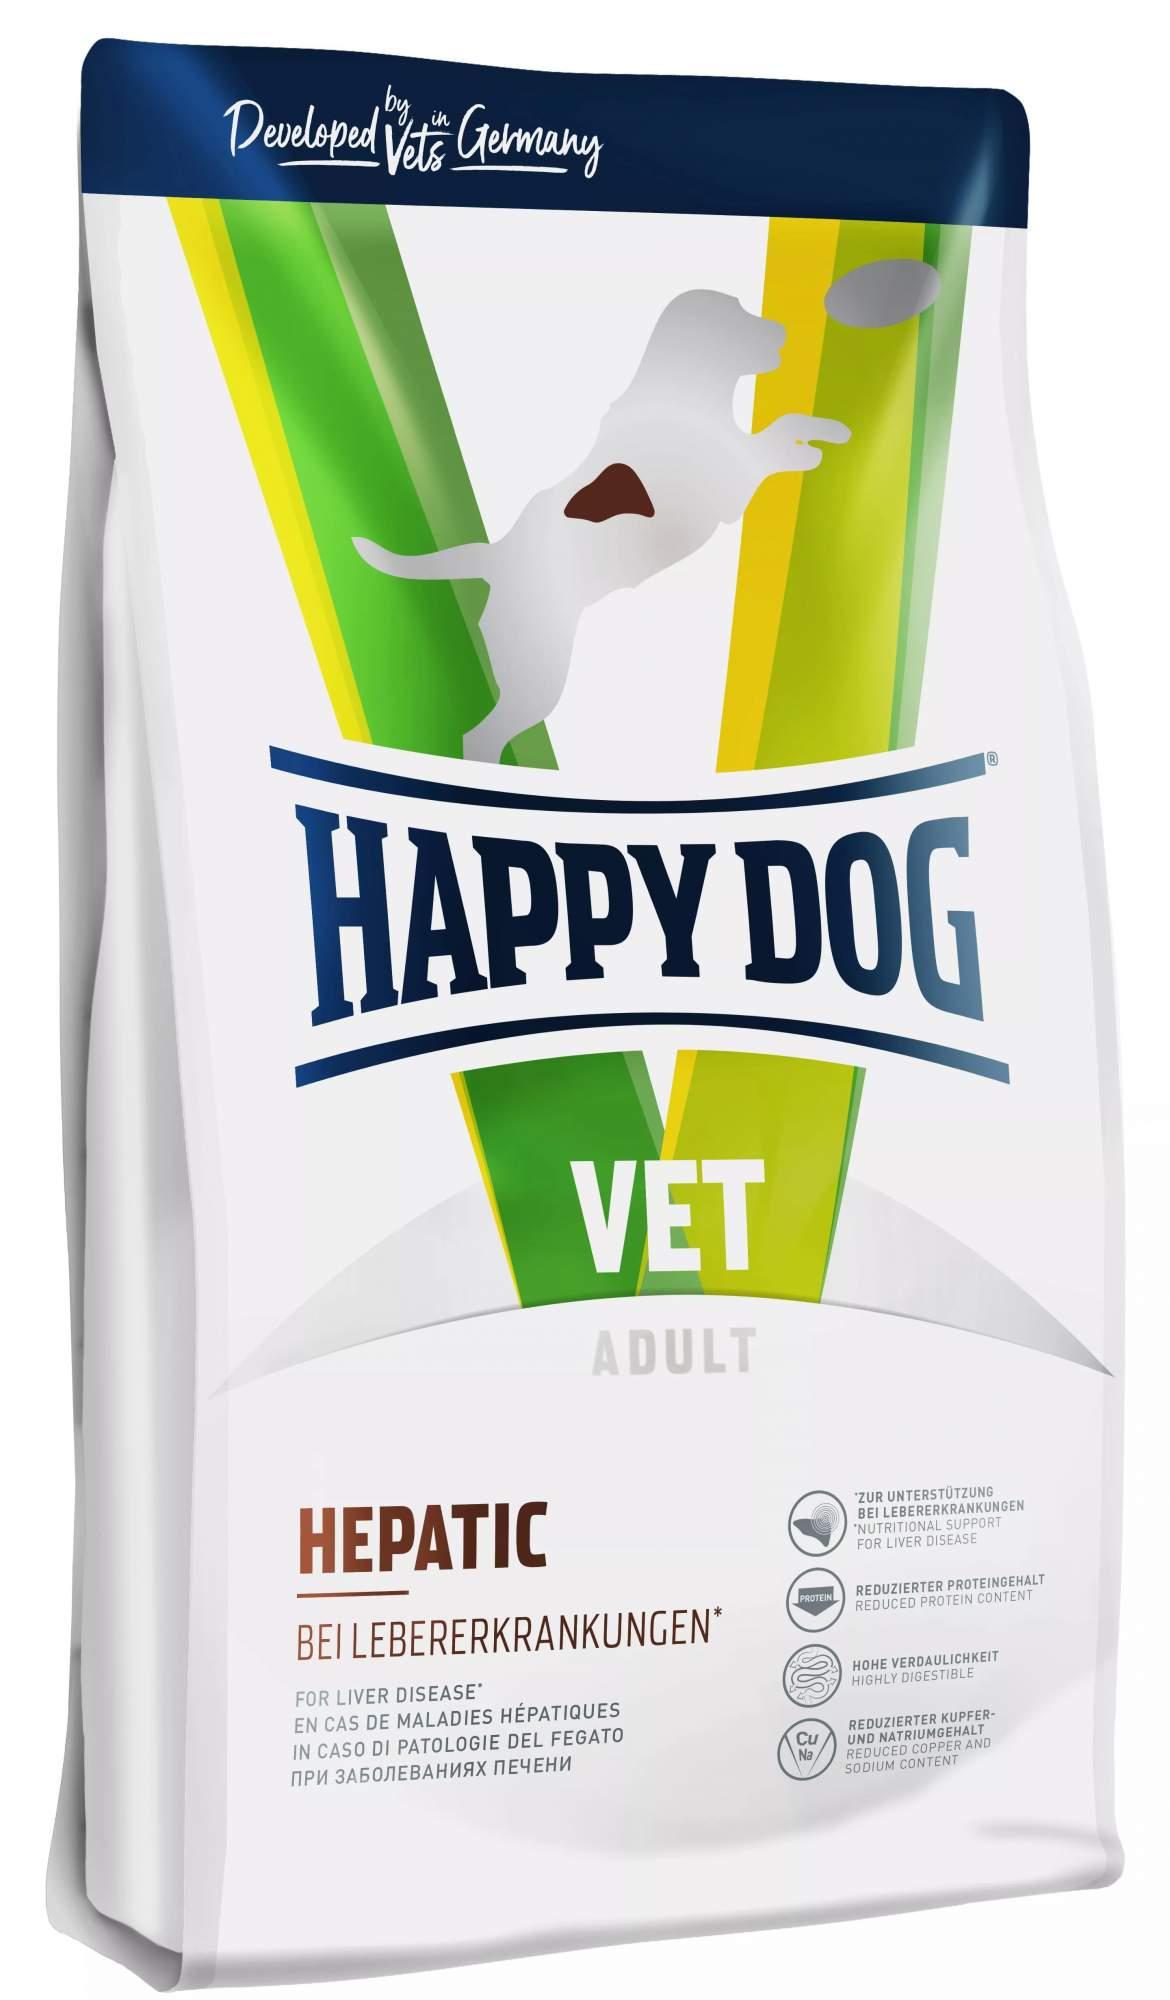 Миниатюра Сухой корм для собак Happy Dog Vet Hepatic, При заболеваниях печени лосось, рис, 4кг №1